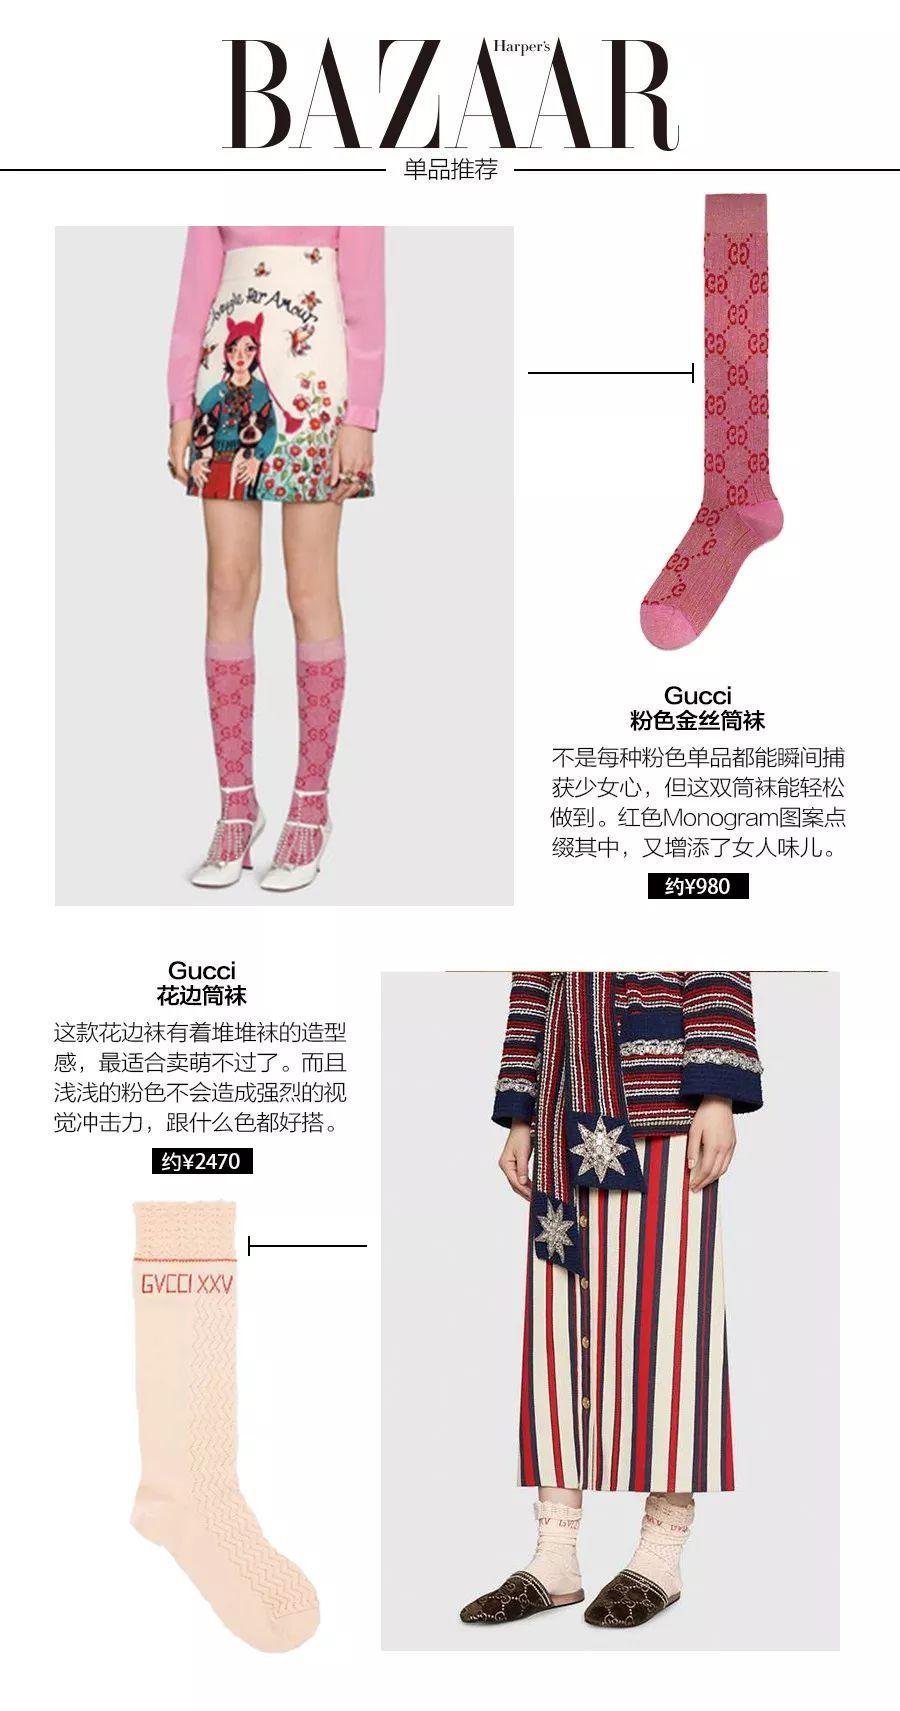 《创造101》小姐姐们的筒袜先出道?连周冬雨杨幂都pick了几双!